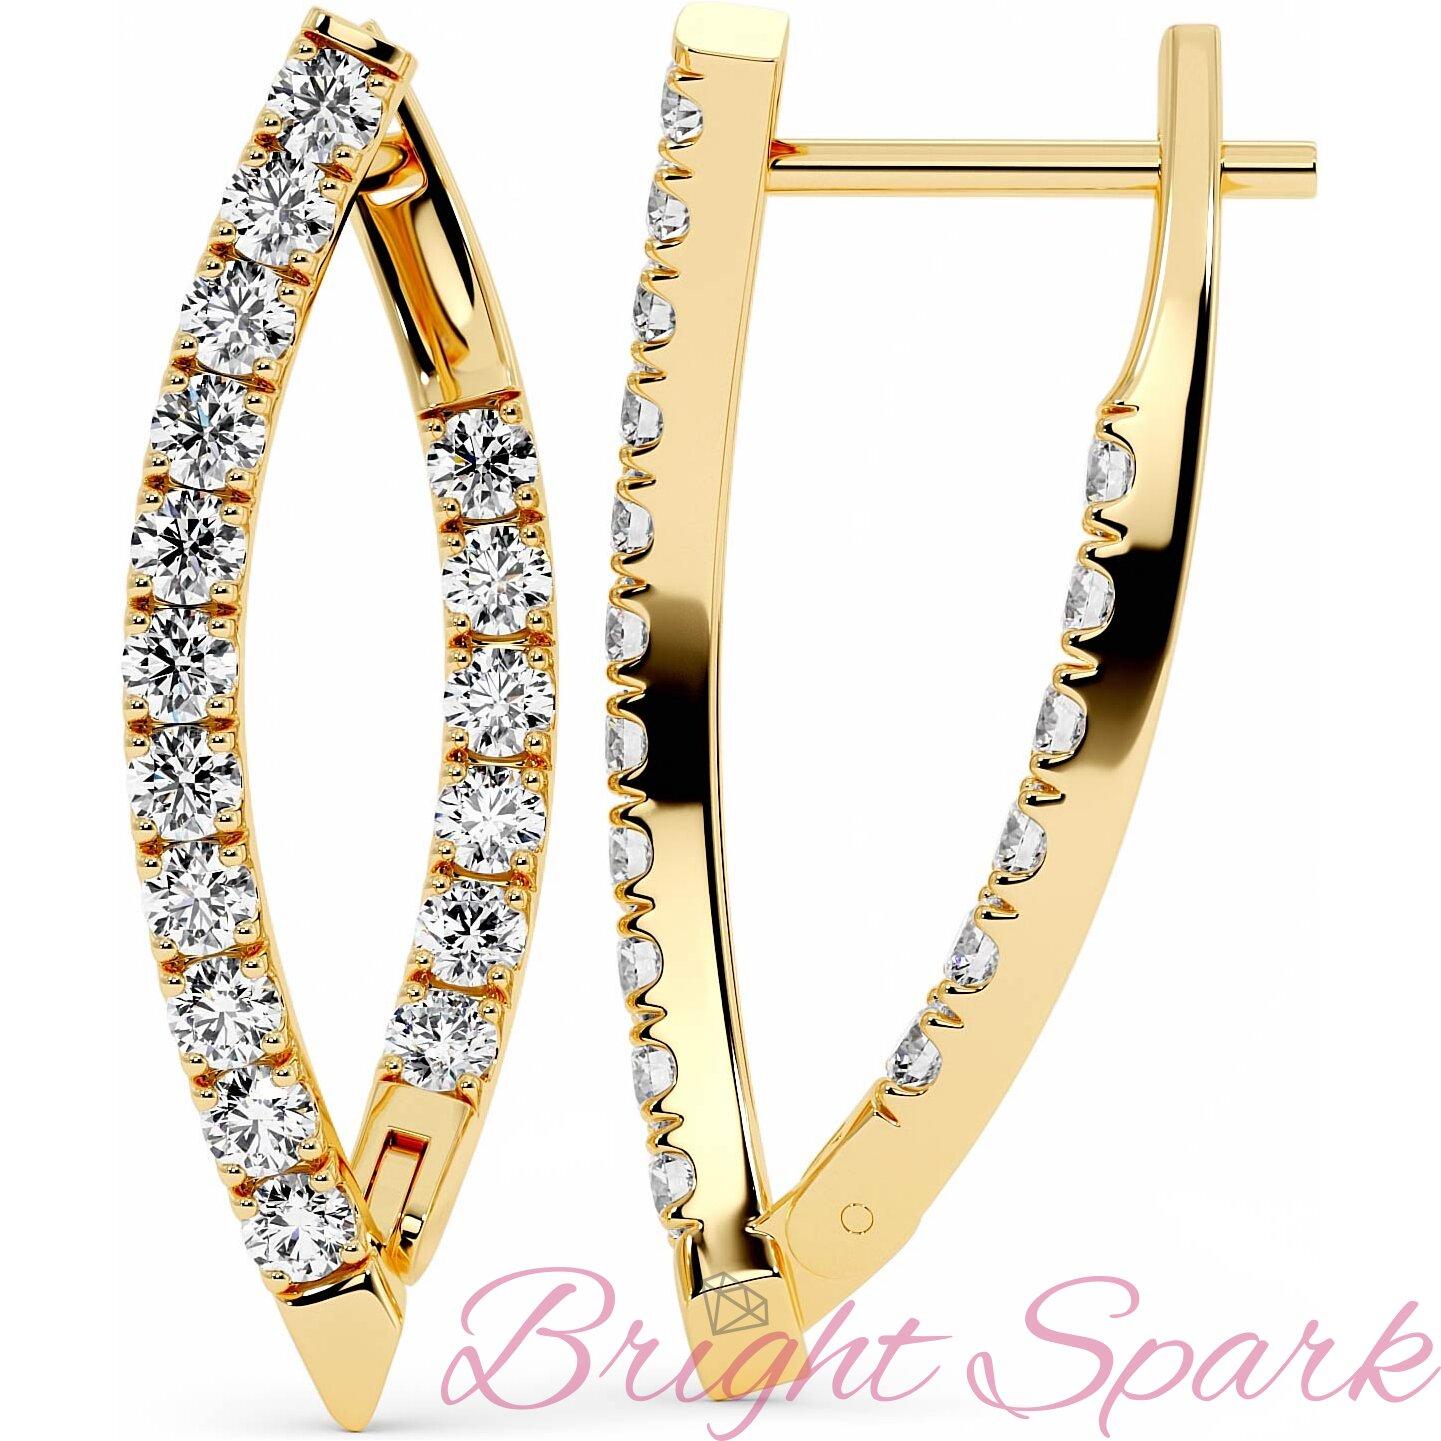 Серьги желтого золота с дорожками бриллиантов Roxy 1,4 карата